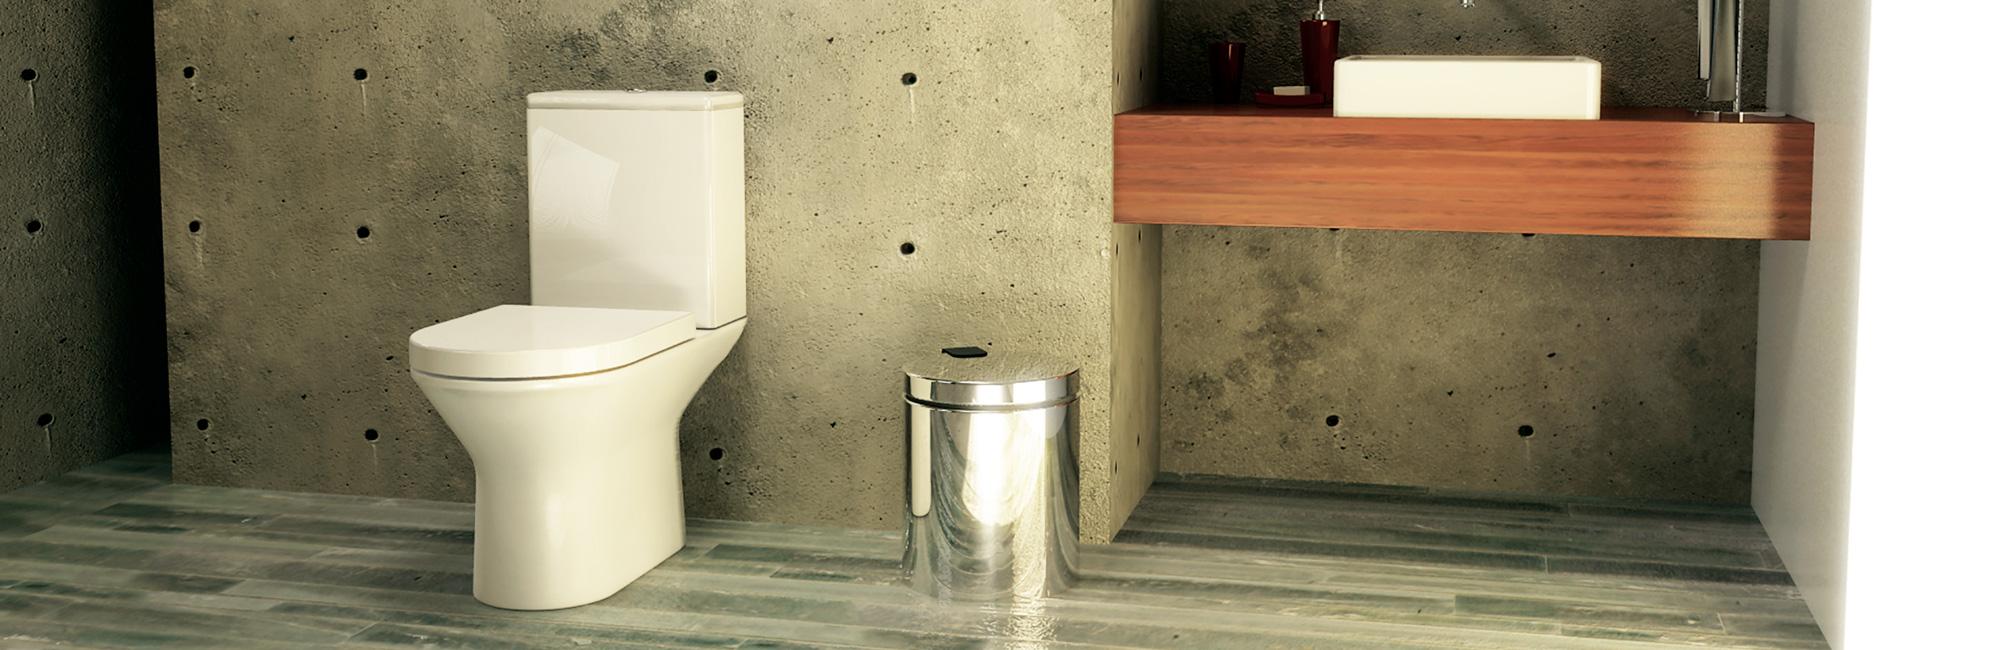 Inodoro Verso | Briggs USA - The Premium Bath Collection